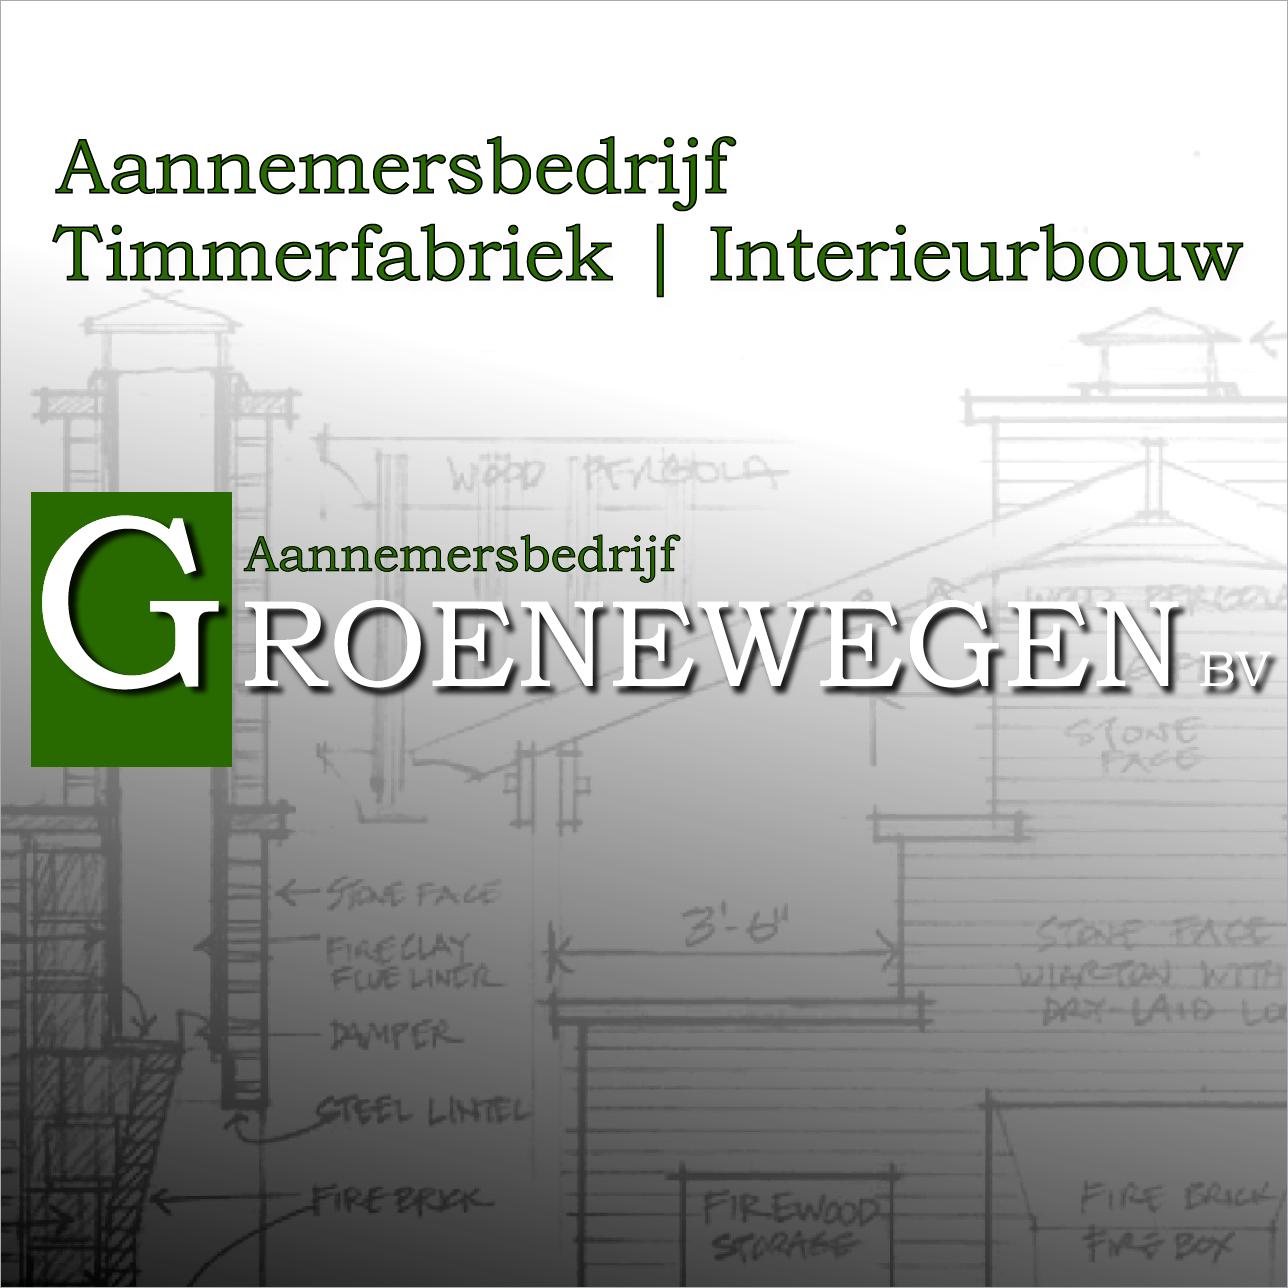 Groenewegen BV - Aannemersbedrijf | Timmerfabriek | Interieurbouw